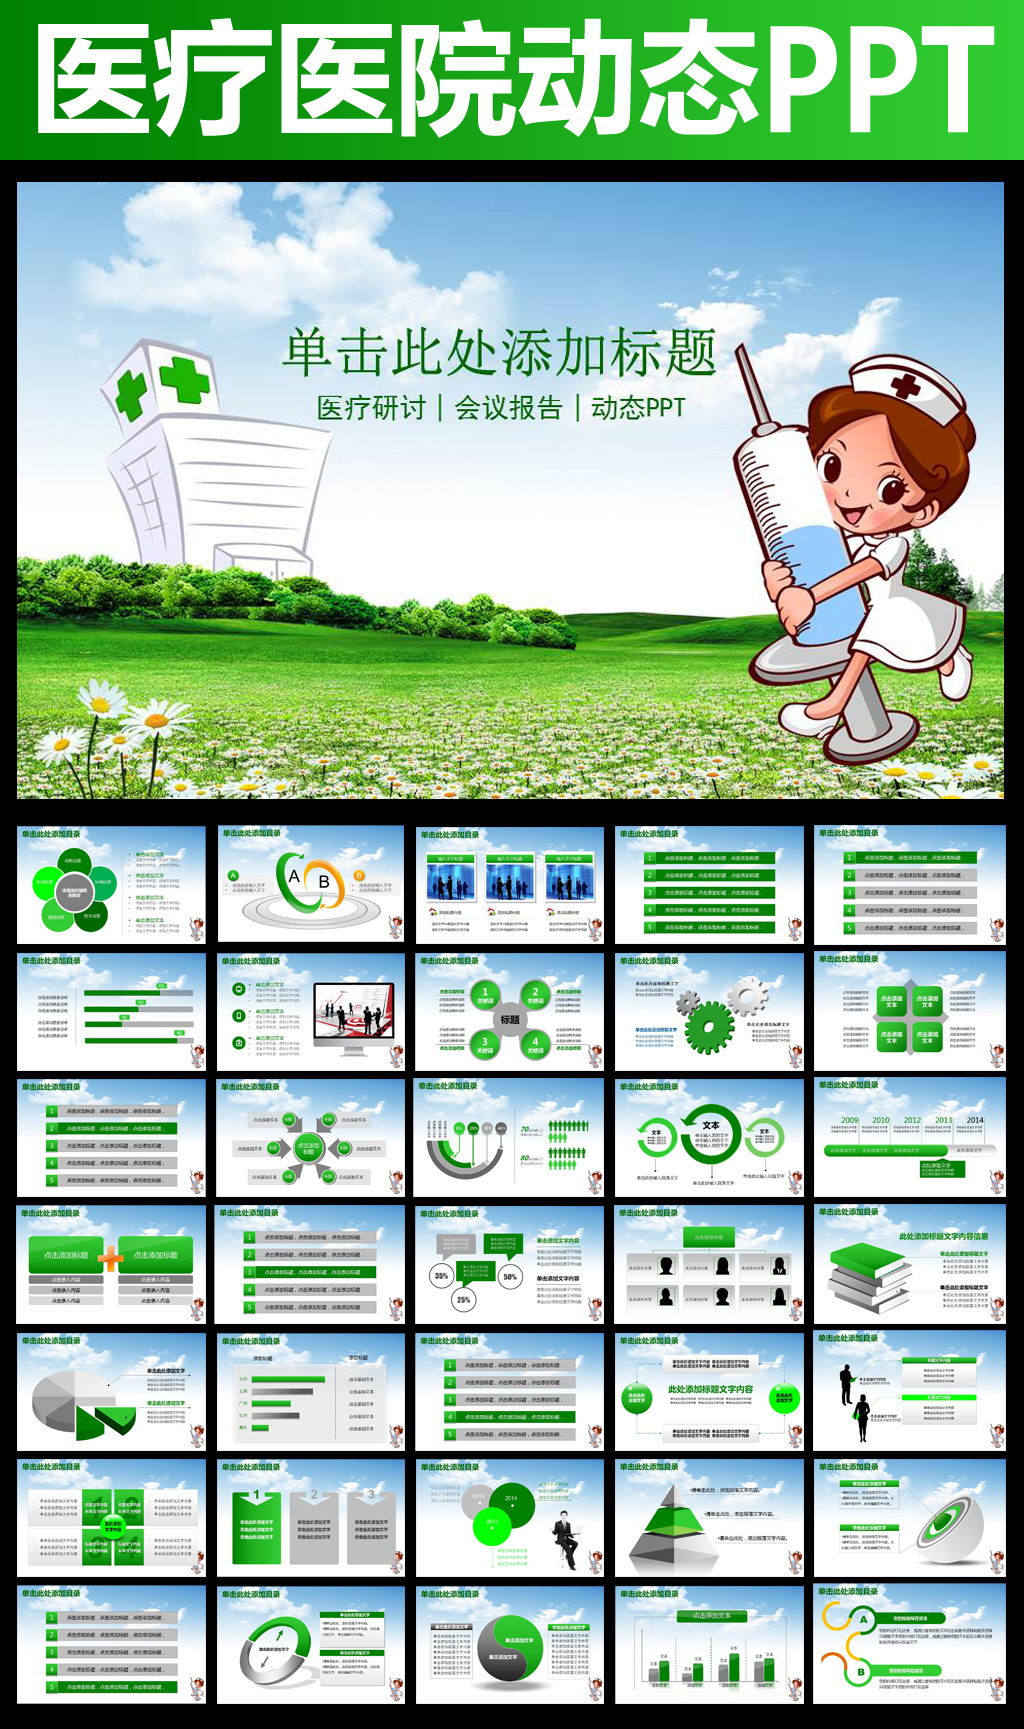 急救120医生护士医疗卫生动态PPT模板下载 11964223 综合PPT